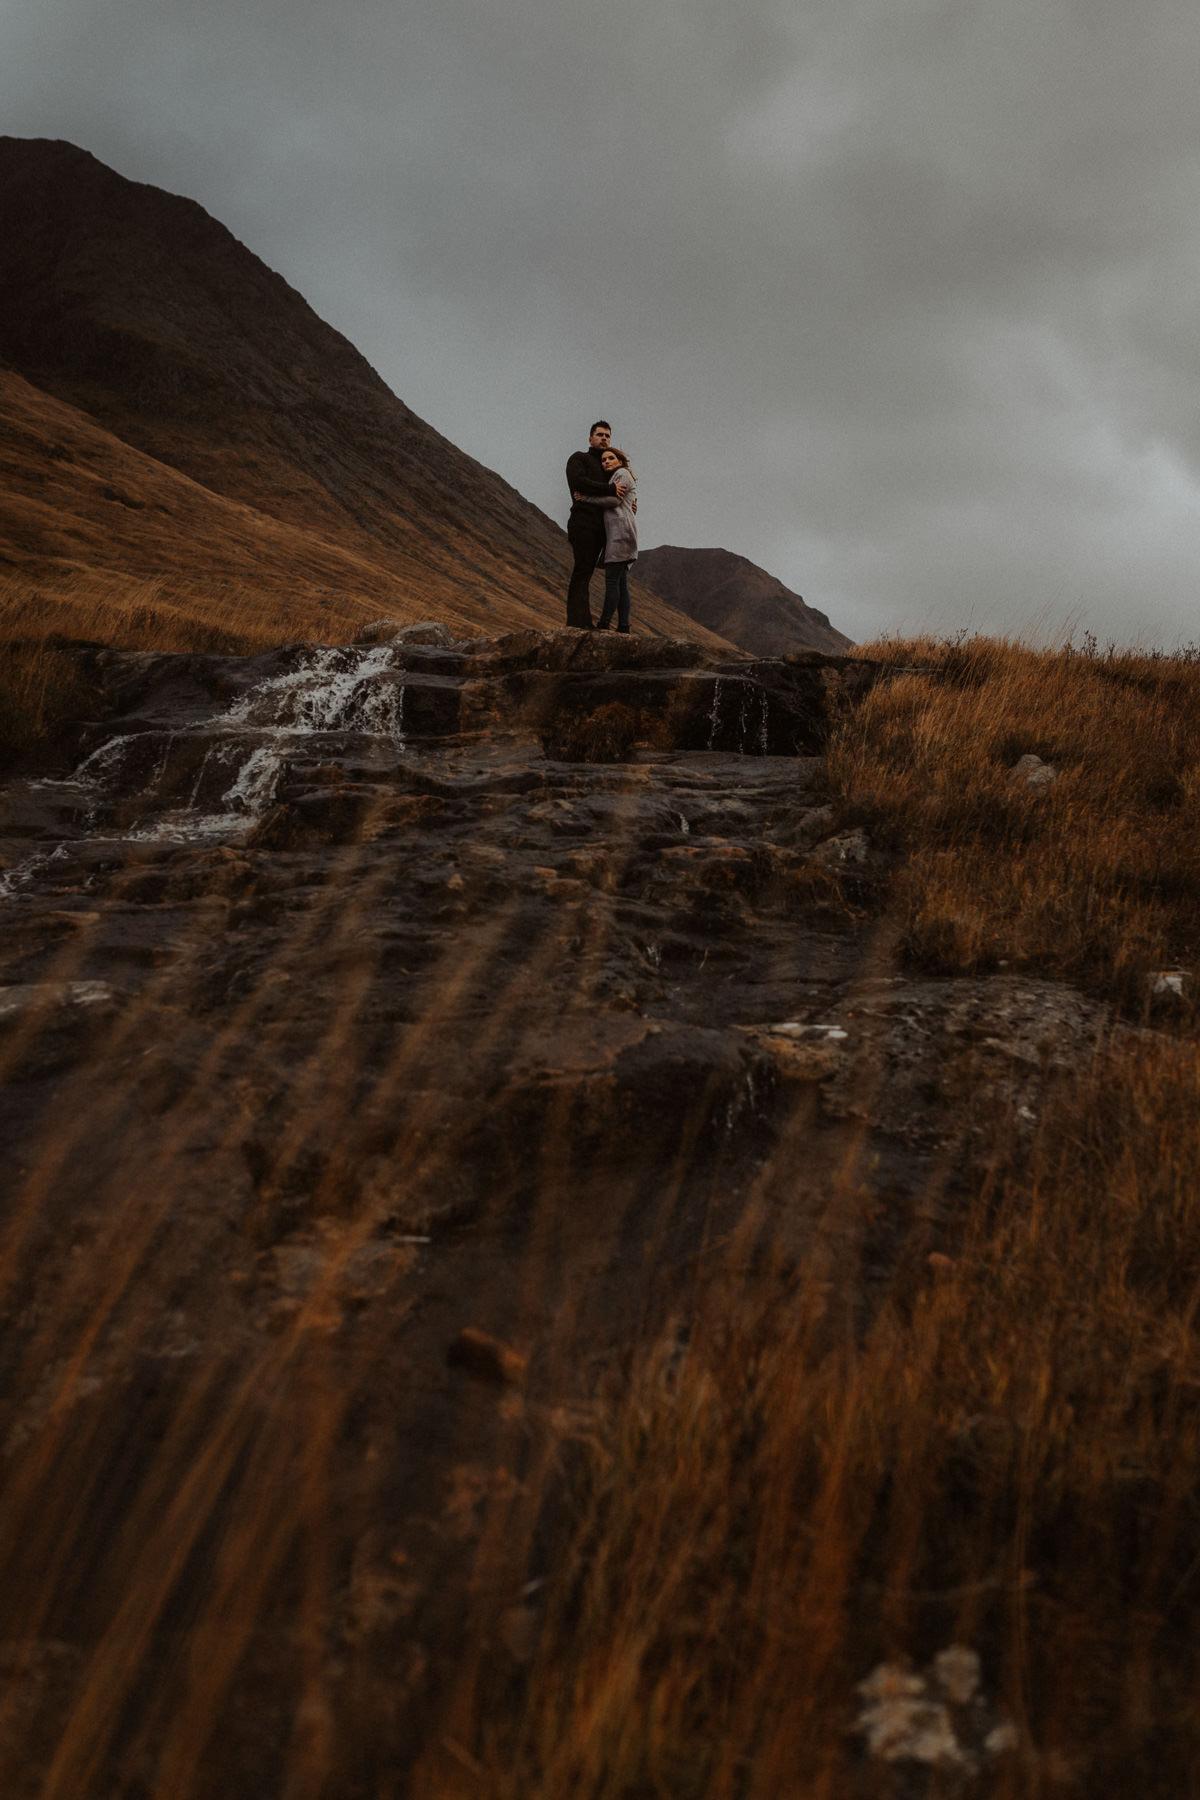 GLENCOE-blog-sesja-slubna-plener-szkocja-elopement-wedding-session_20181104_14-10-54_5D4_5479 Glencoe plener ślubny - sesja ślubna w Szkocji - love story Scotland